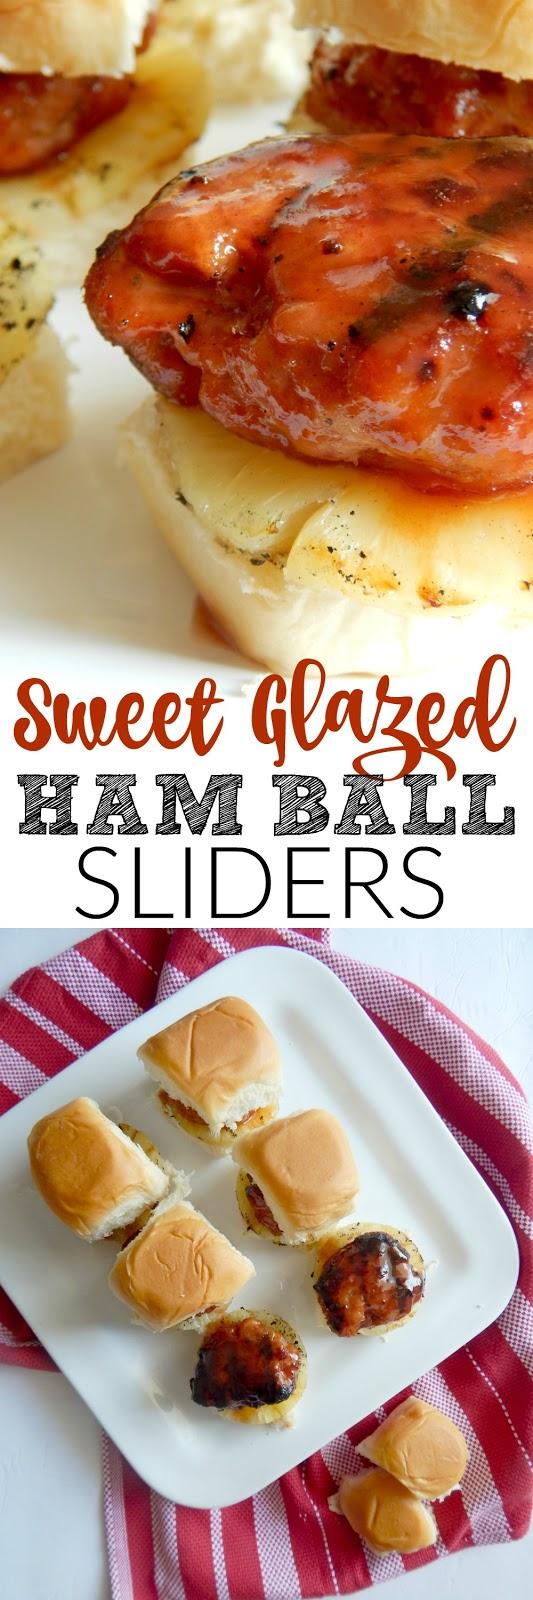 sweet glazed ham ball sliders